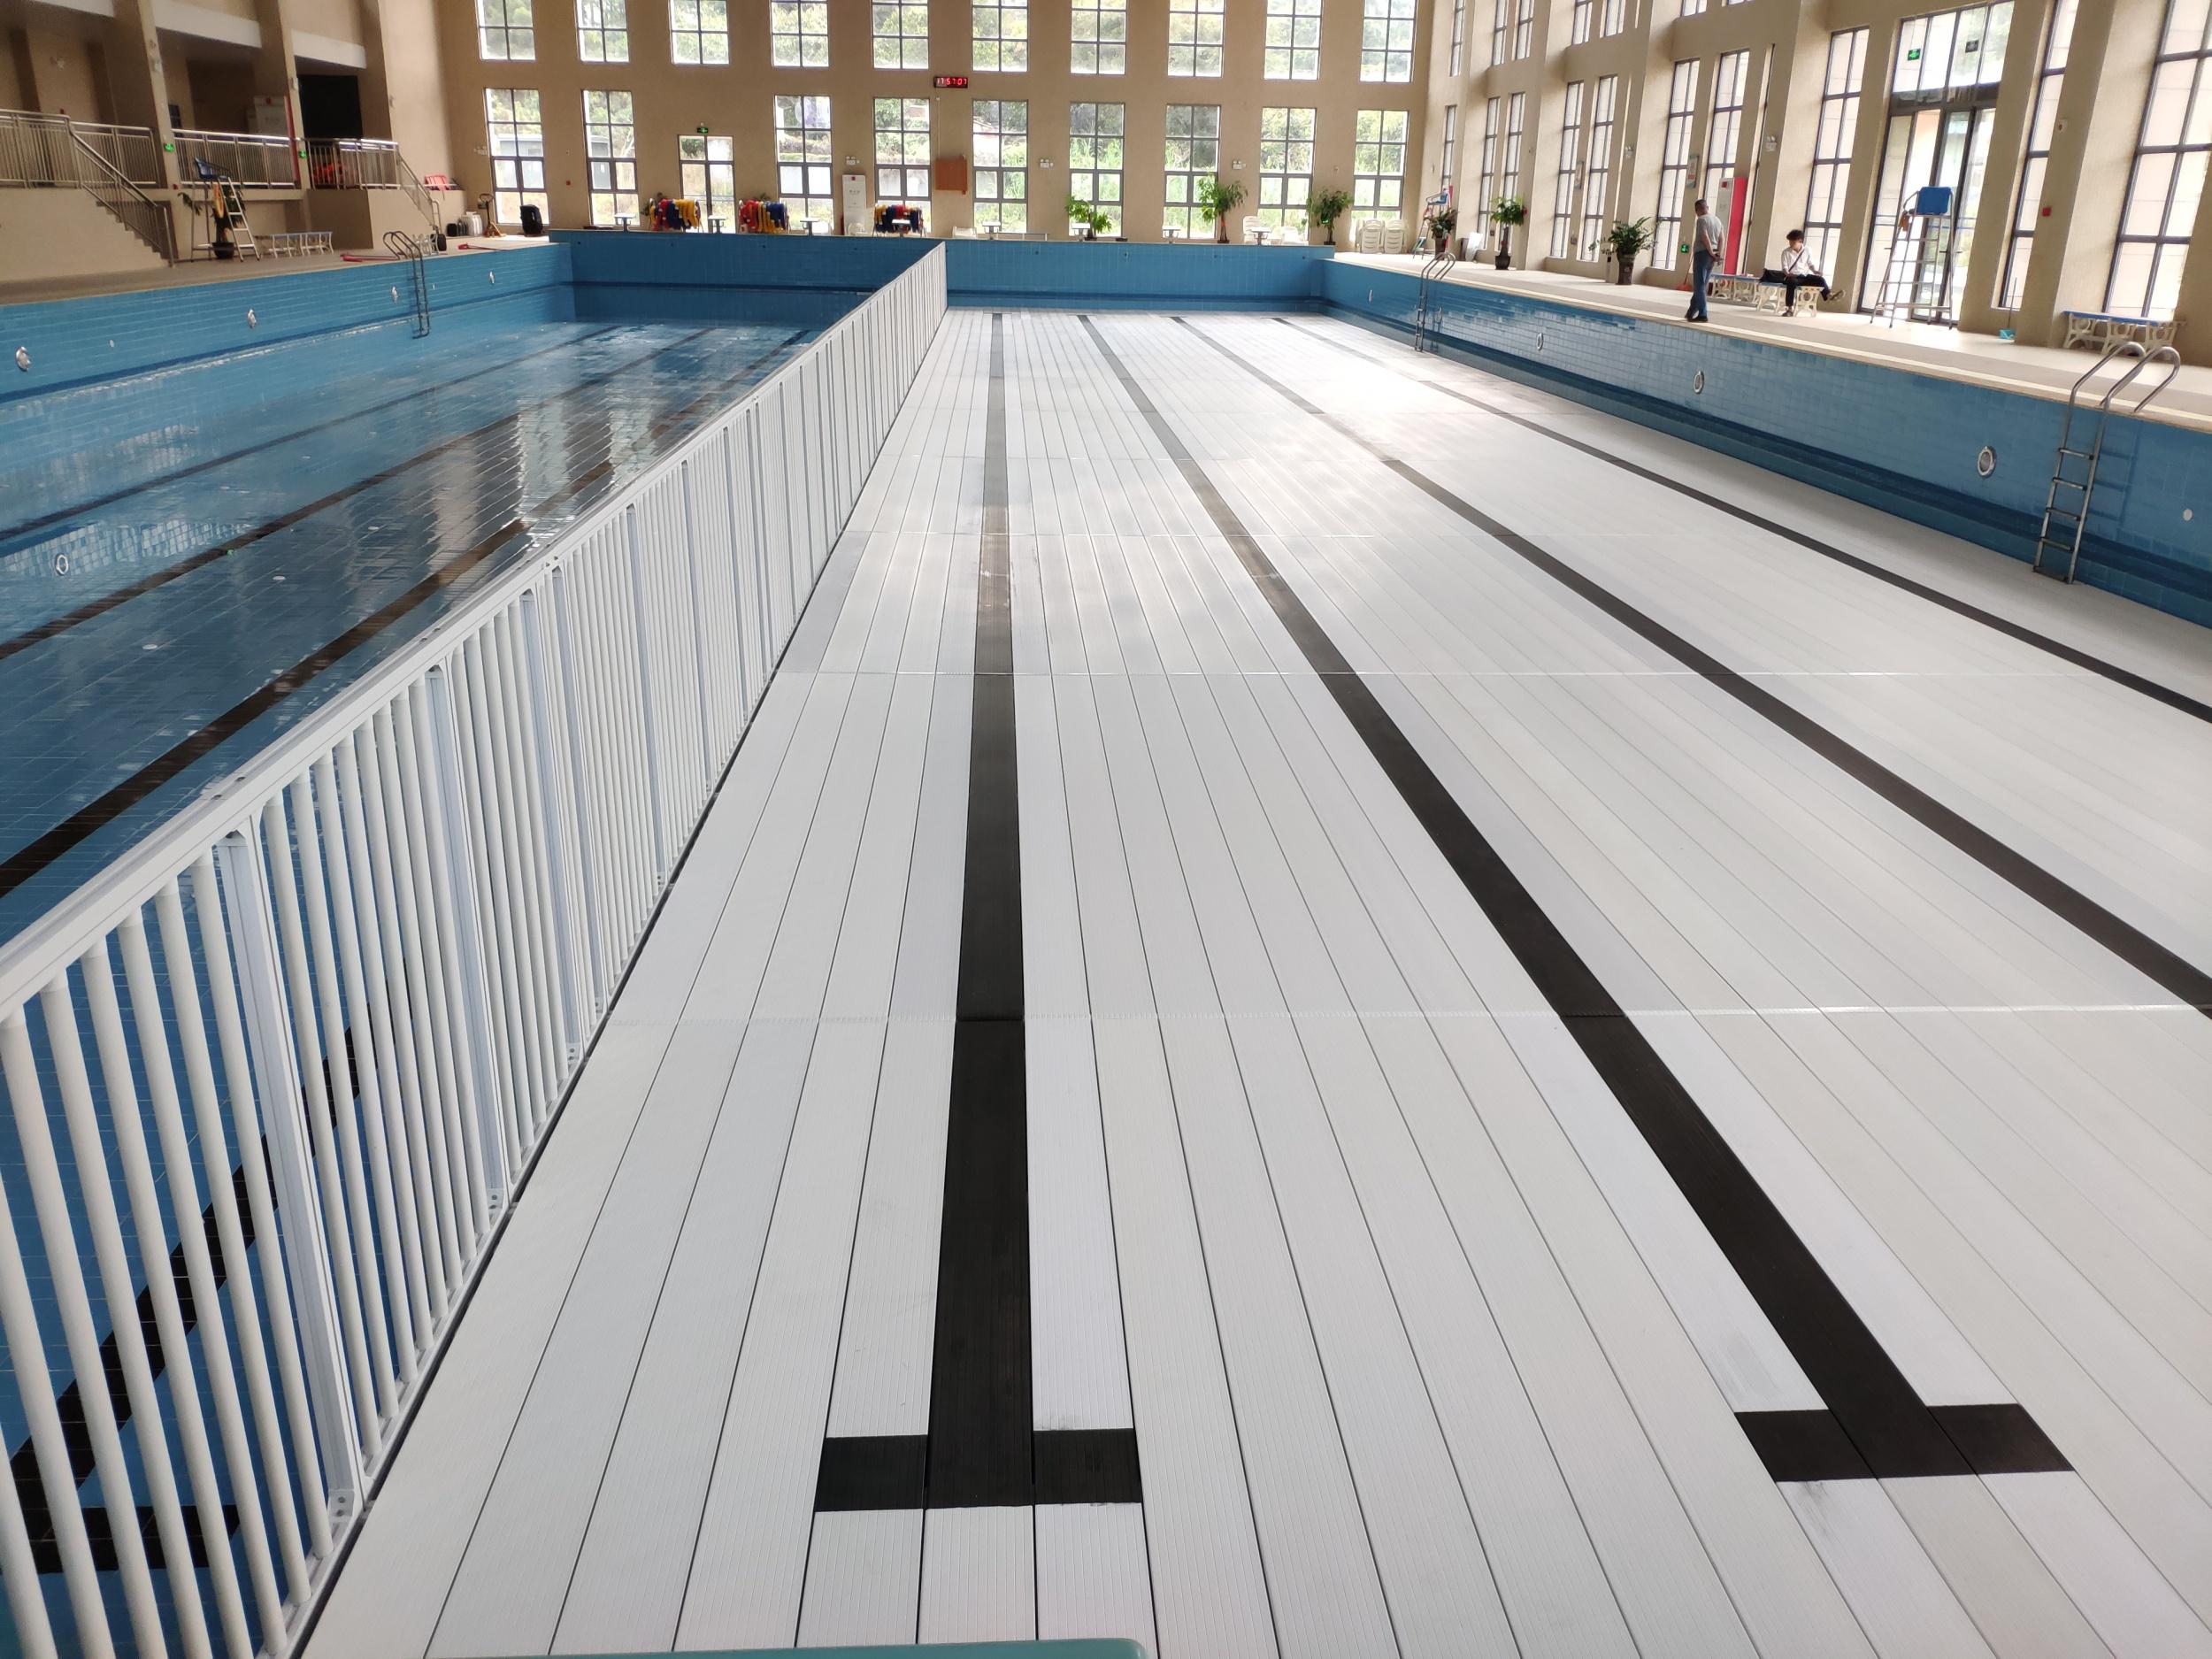 游泳池安装垫层的好处有哪些?